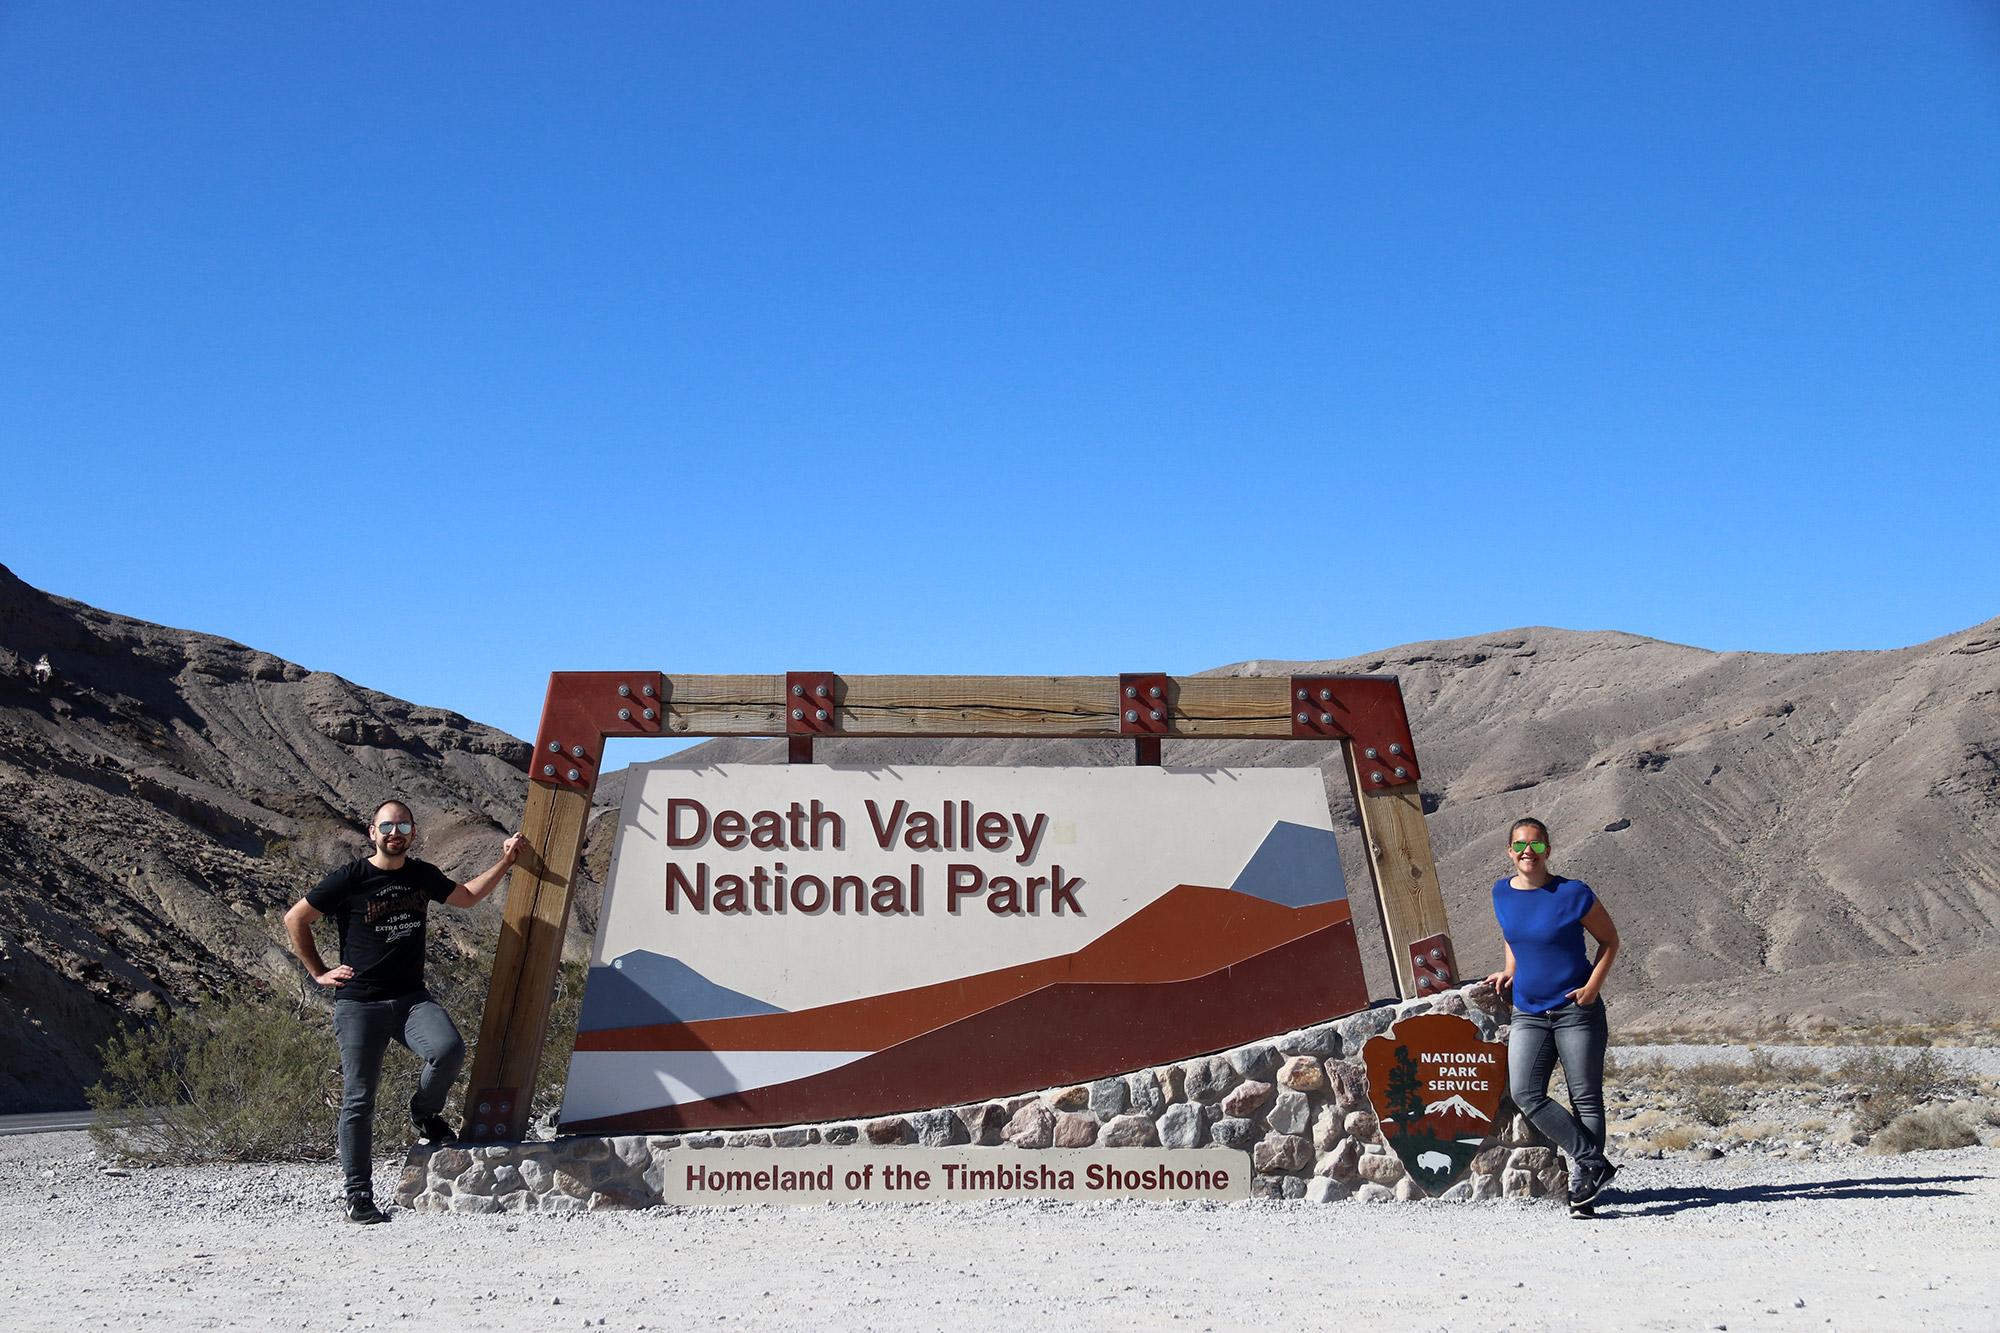 Amerika dag 18 - Death Valley National Park